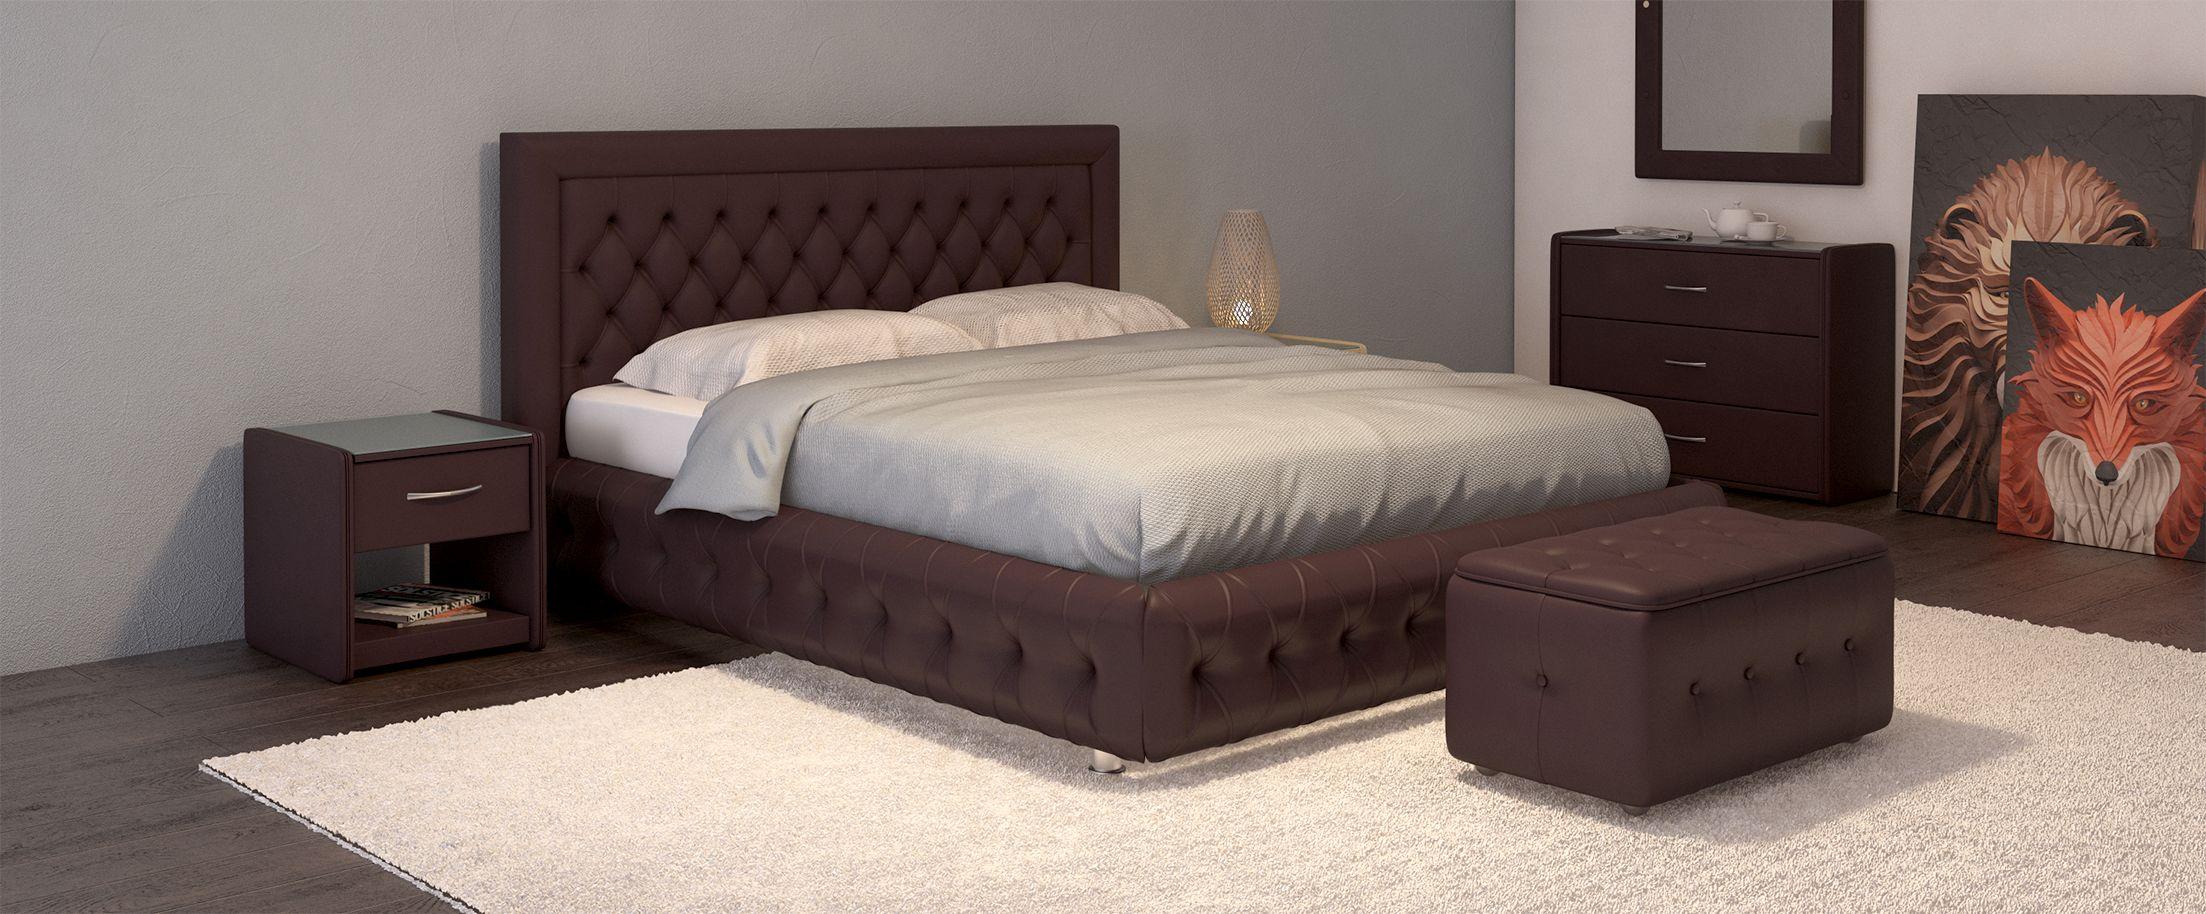 Кровать двуспальная Биг Бен Модель 586Оригинальный дизайн кровати сделает Вашу спальню особенной. Биг Бен - кровать для тех, кому нравится сочетать классику и модерн: утяжки на царгах придают стиль и шарм изделию.<br><br>Ширина см: 156<br>Глубина см: 222<br>Высота см: 112<br>Ширина спального места см: 140<br>Глубина спального места см: 200<br>Встроенное основание: Есть<br>Материал каркаса: ДСП<br>Материал обивки: Экокожа<br>Подъемный механизм: Нет<br>Цвет: Коричневый<br>Код ткани: Кофе